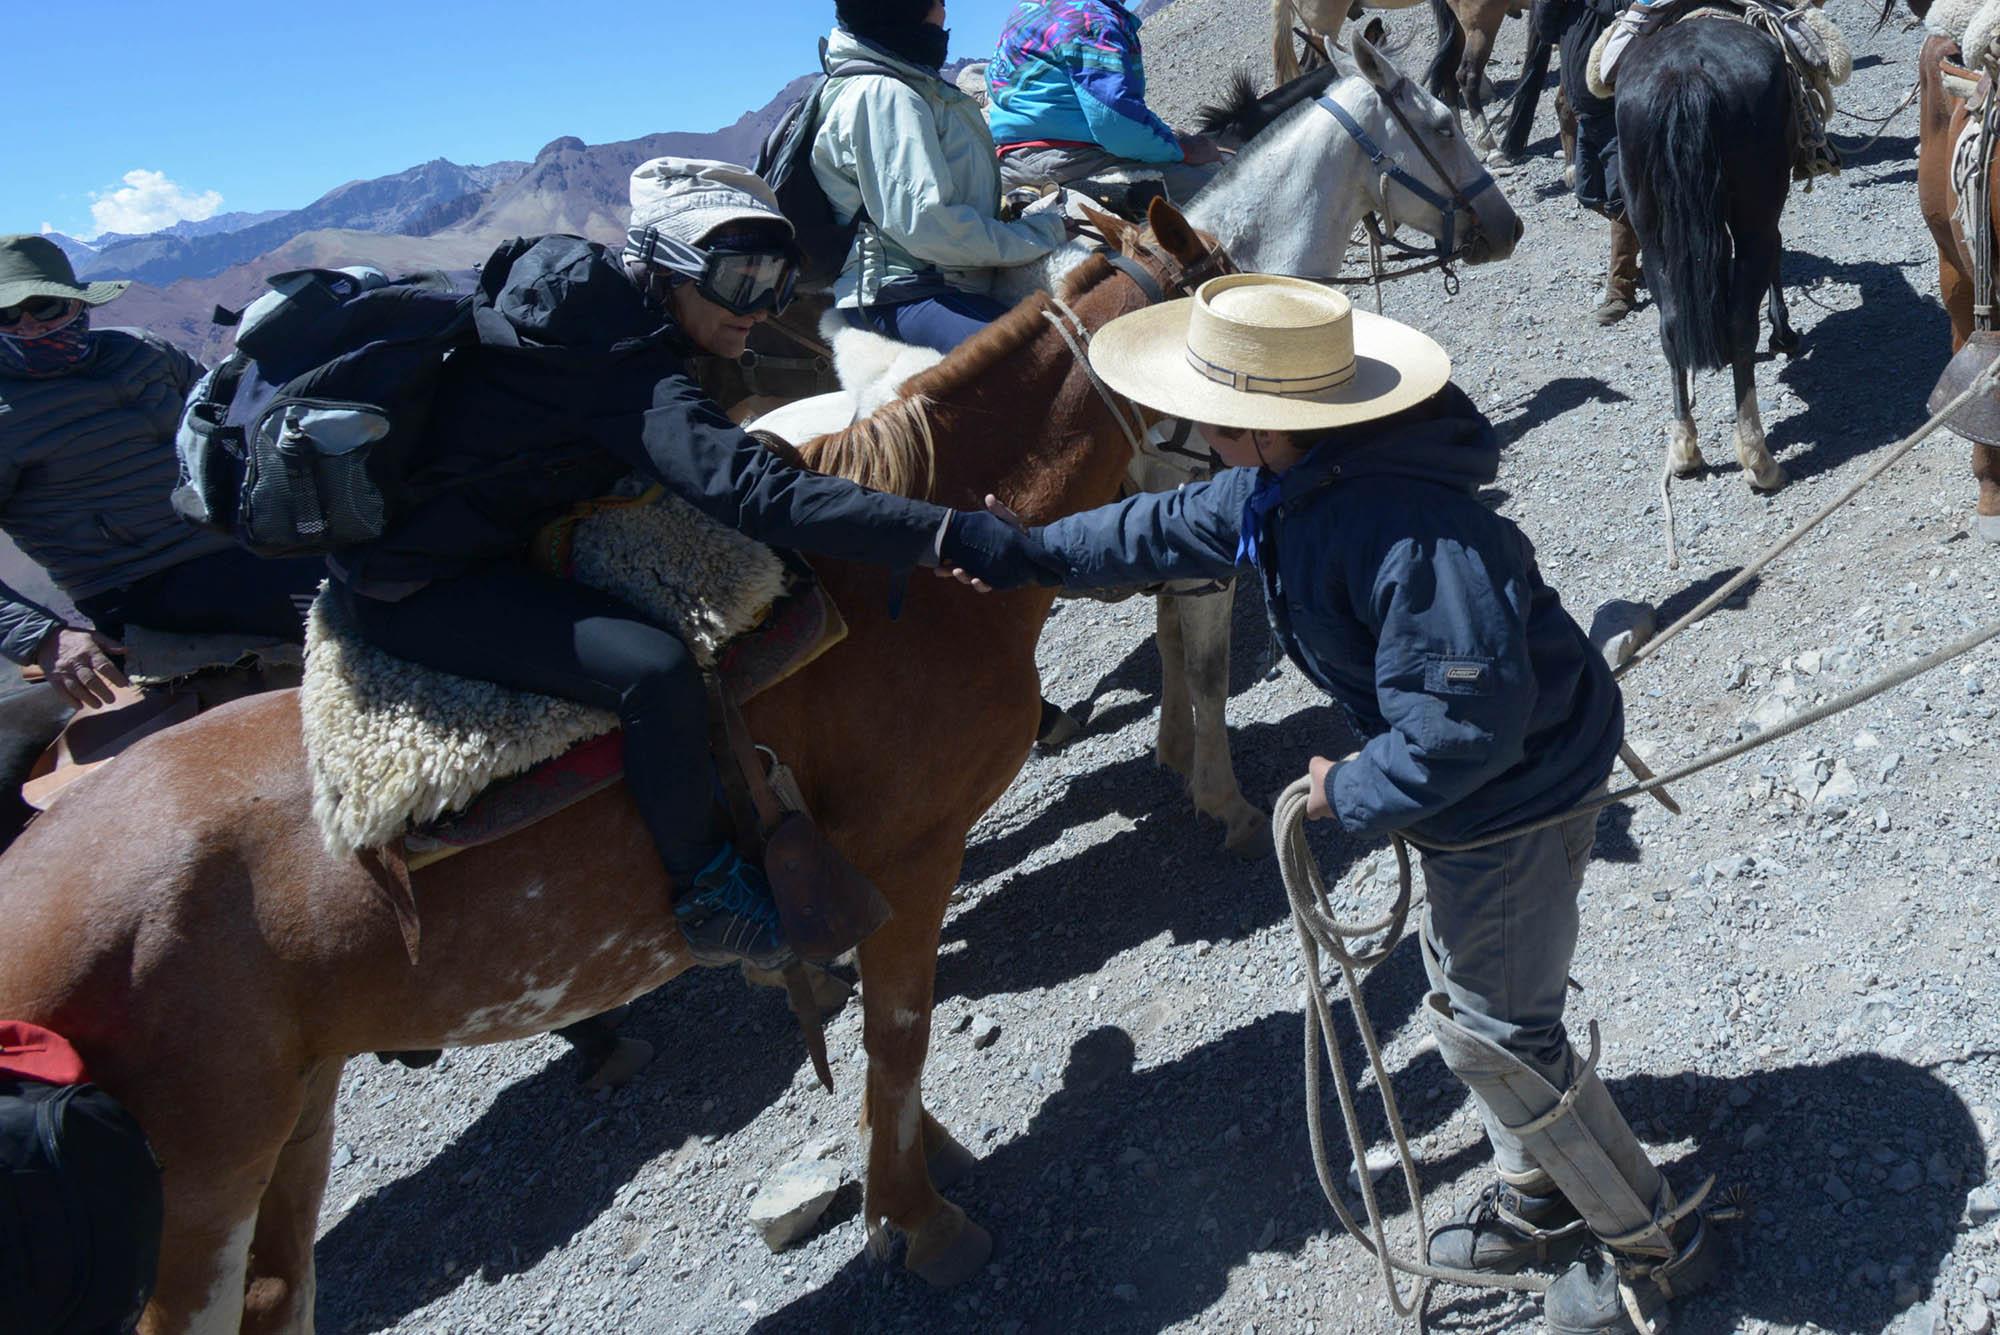 Cruce de los Andes. Con el objetivo logrado, es todo alegría y emoción. (PH: Andrómeda agencia)